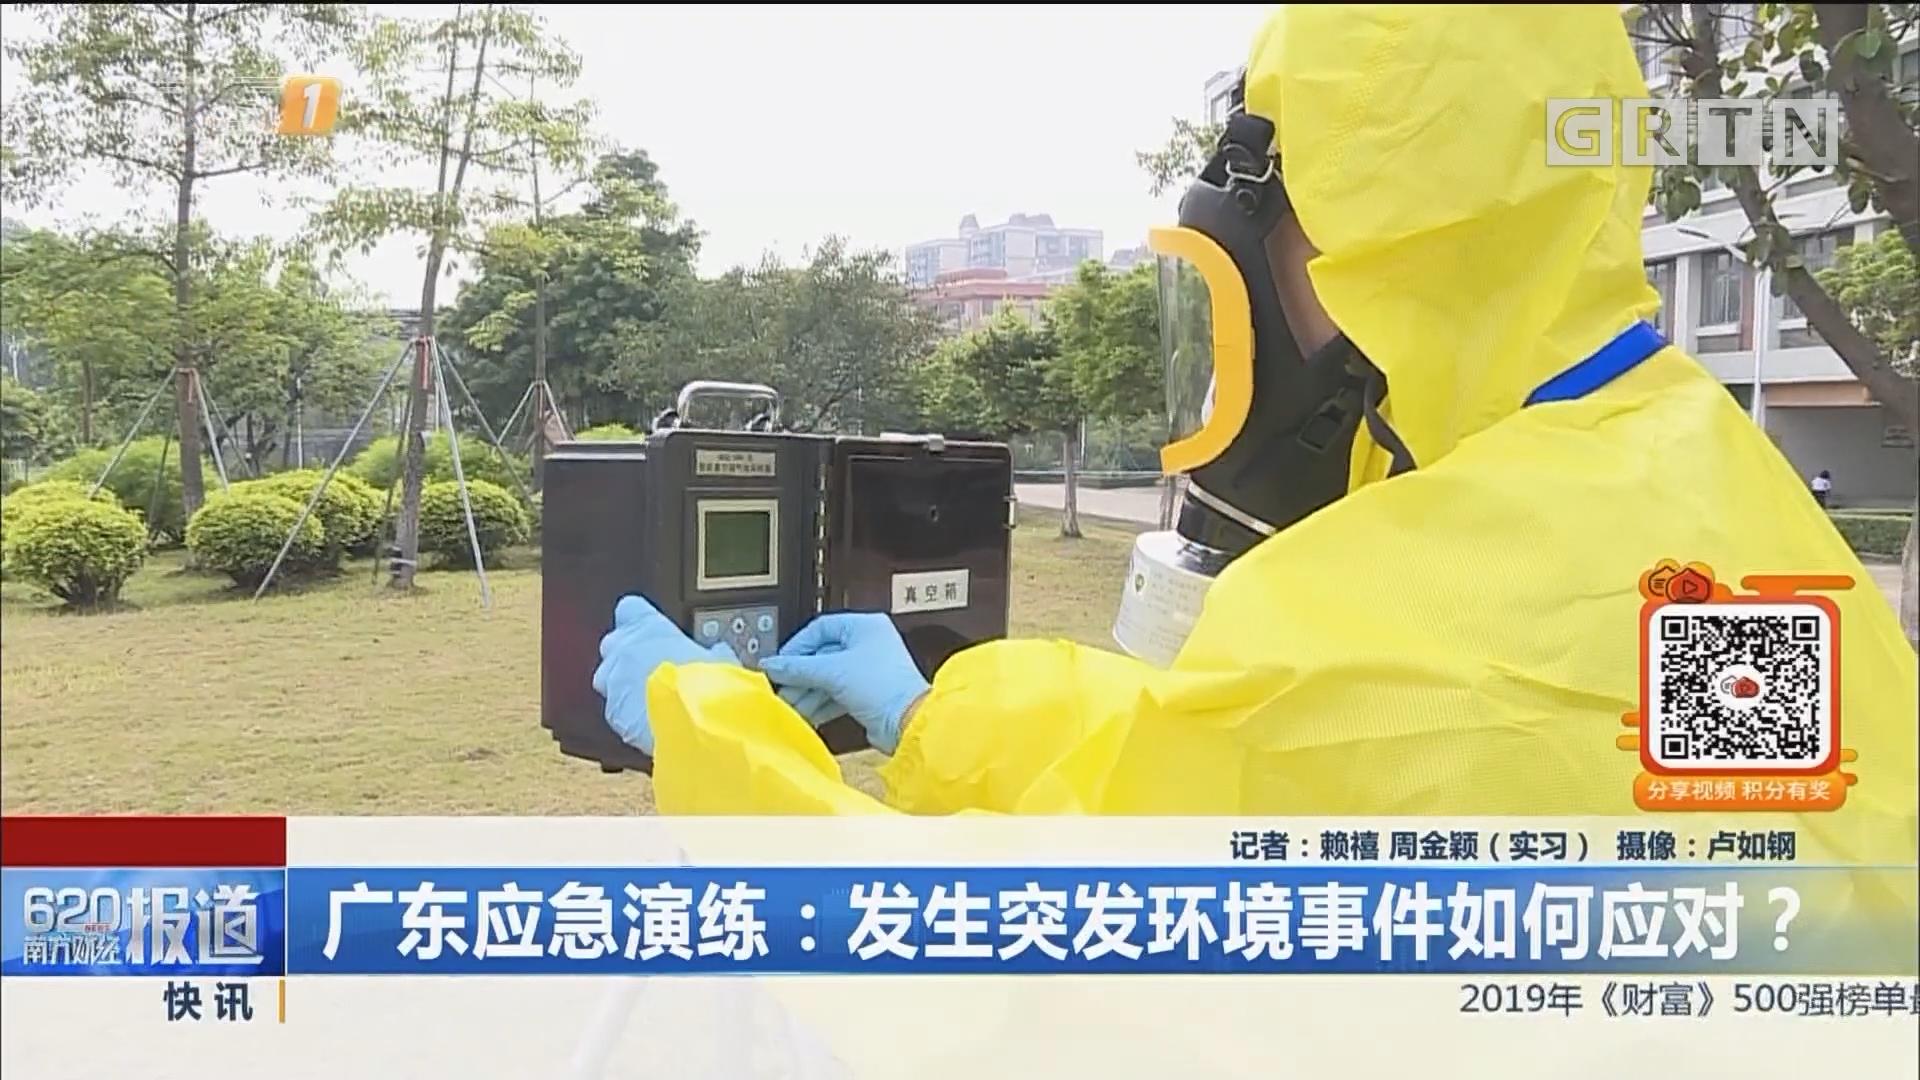 广东应急演练:发生突发环境事件如何应对?